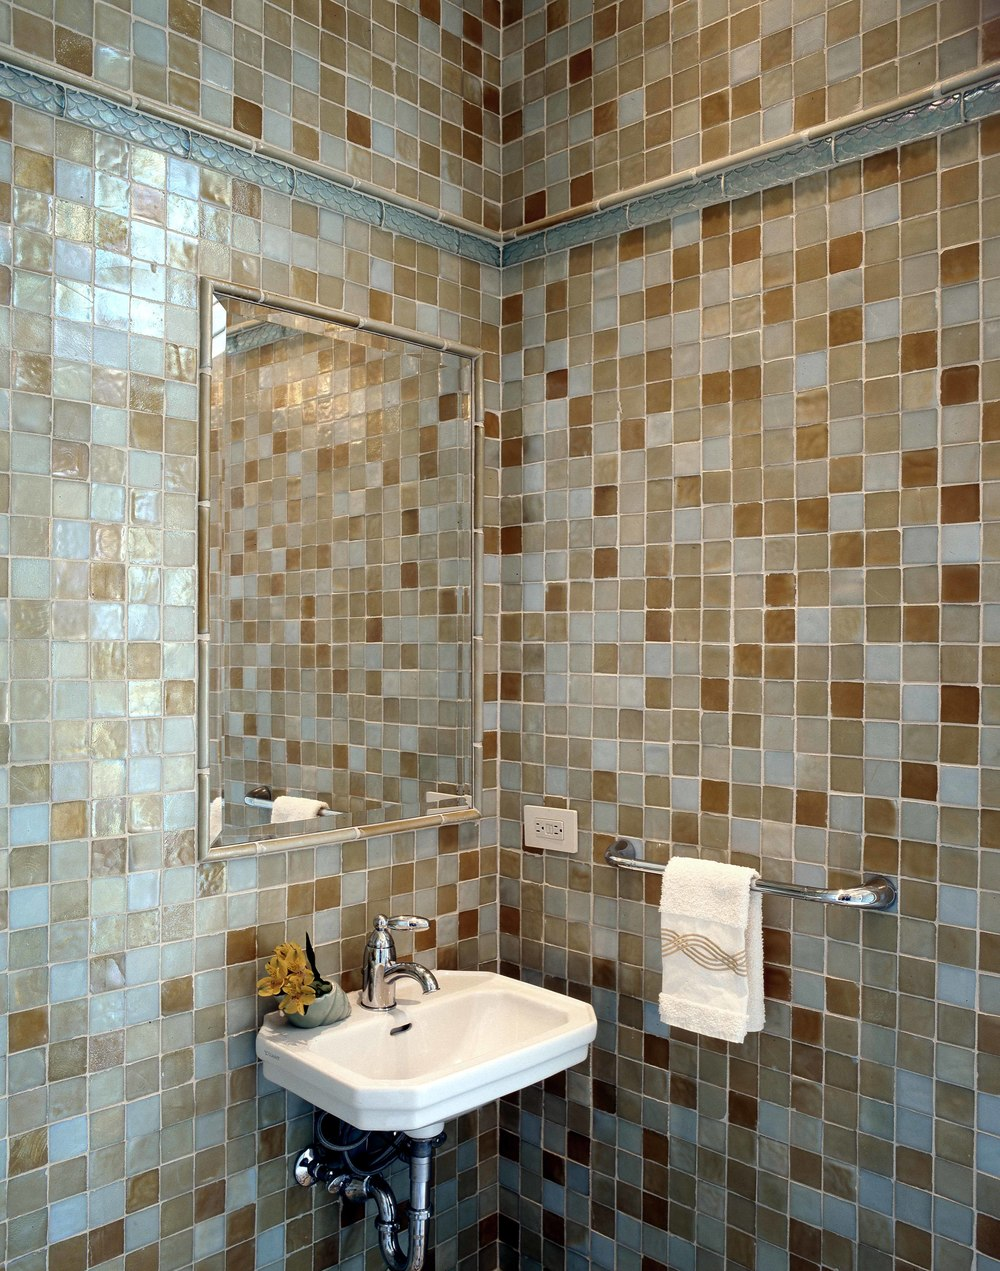 w.hall bath